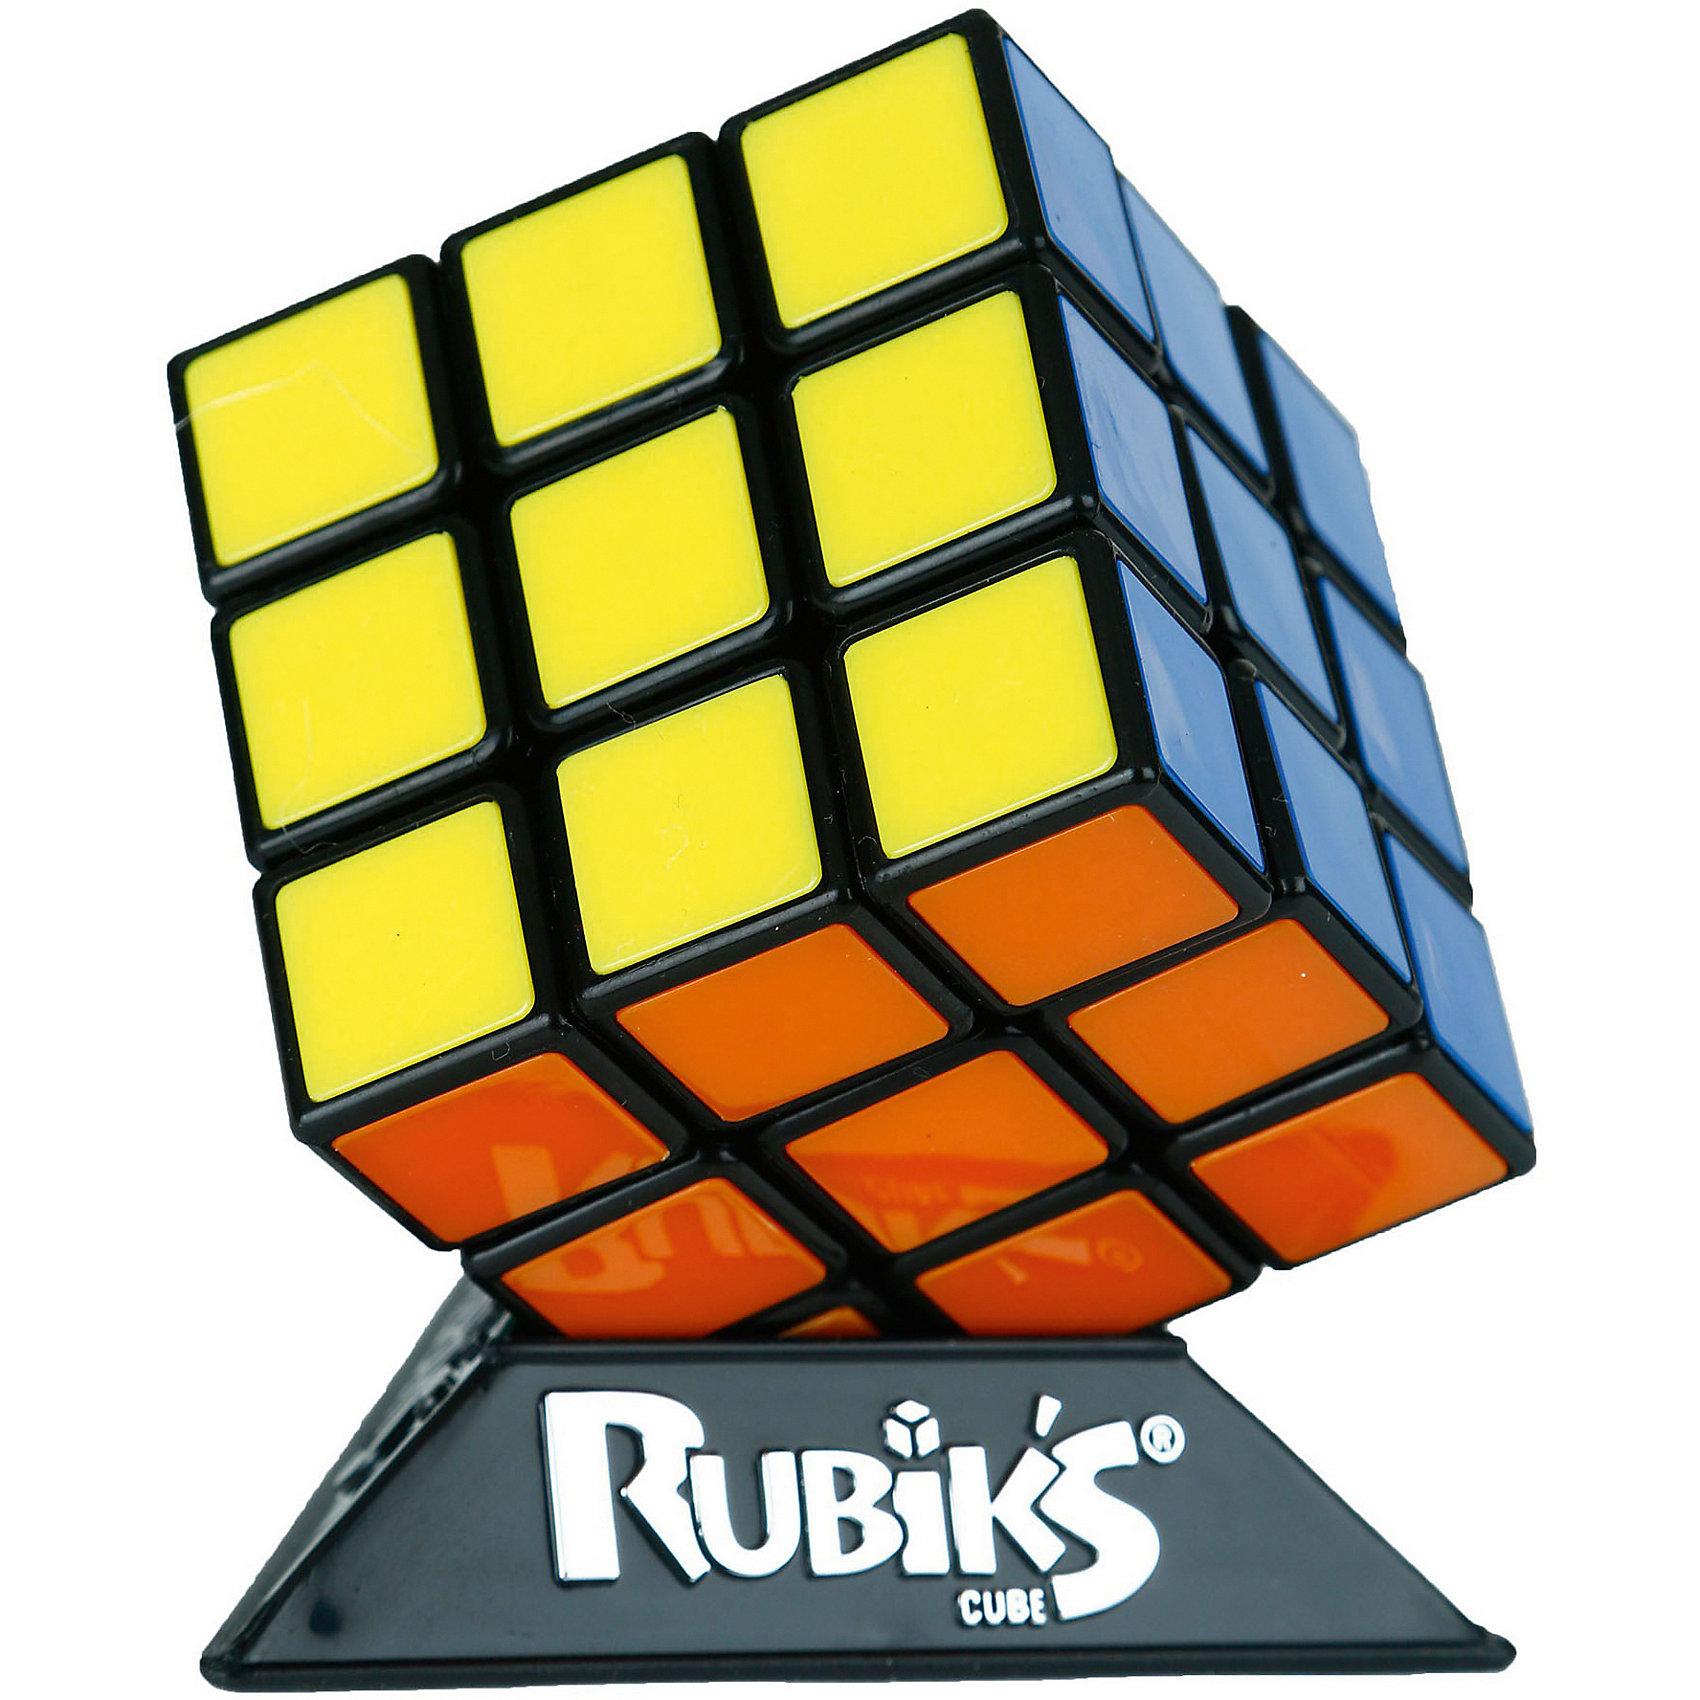 Кубик Рубика 3х3, без наклеекГоловоломки<br>Улучшенный механизм на базе шара, кубик крутится плавнее, мягче и при этом точнее. Благодаря новому механизму, теперь кубик Рубика режет углы. Это значит, что даже если в процессе сборки какая-то из сторон кубика оказалась не повернута до конца, то поворот другой стороны, пересекающей эту, довернет сторону. В основном, это важно при скоростной сборке, но понравится и тем кто собирает кубик Рубика не на скорость.<br>    Цветные пластиковые вставки вместо наклеек - сколько бы вы ни крутили головоломку, ваш кубик Рубика всегда в идеальном состоянии, как новый!<br>    Новая упаковка-пирамида с 3 крыльями, подчеркивающая новый характер игрушки. Упаковка допускает размещение на полке, на крючках, а так же выстраивание в столбик до 5-6шт в высоту. <br>    Единственный настоящий кубик Рубика, сделанный по венгерской лицензии Эрно Рубика<br>    Подробнее: http://playlab.ru/toys/rubiks/3x3/?sphrase_id=9166<br><br>Ширина мм: 170<br>Глубина мм: 120<br>Высота мм: 120<br>Вес г: 300<br>Возраст от месяцев: 96<br>Возраст до месяцев: 1188<br>Пол: Унисекс<br>Возраст: Детский<br>SKU: 4123666